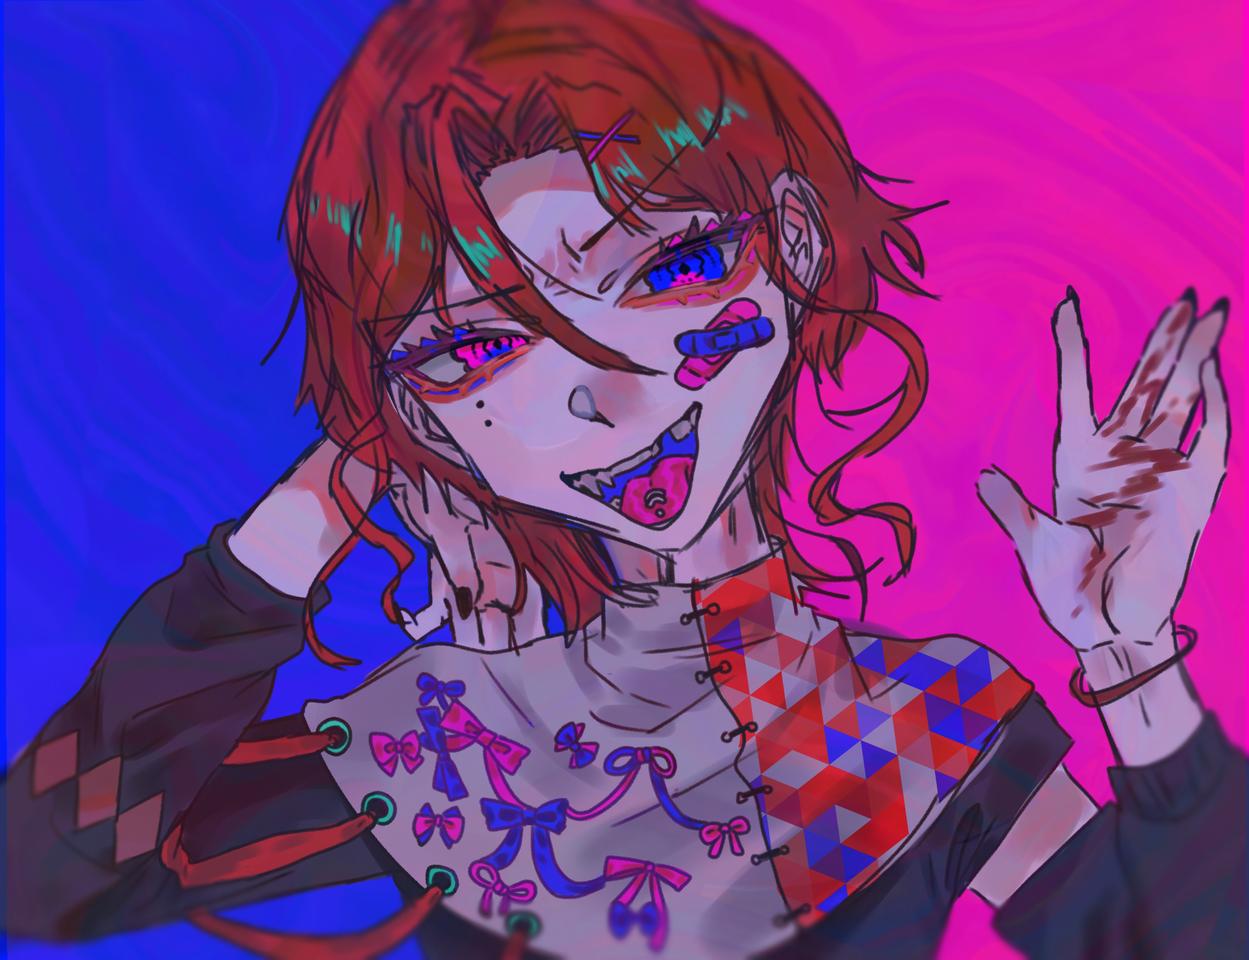 The hates me?? Illust of OHTEAOH🔫 boy blue 図工の時やったマーブリング素材にした red pink くろうめさん大好き 赤と青